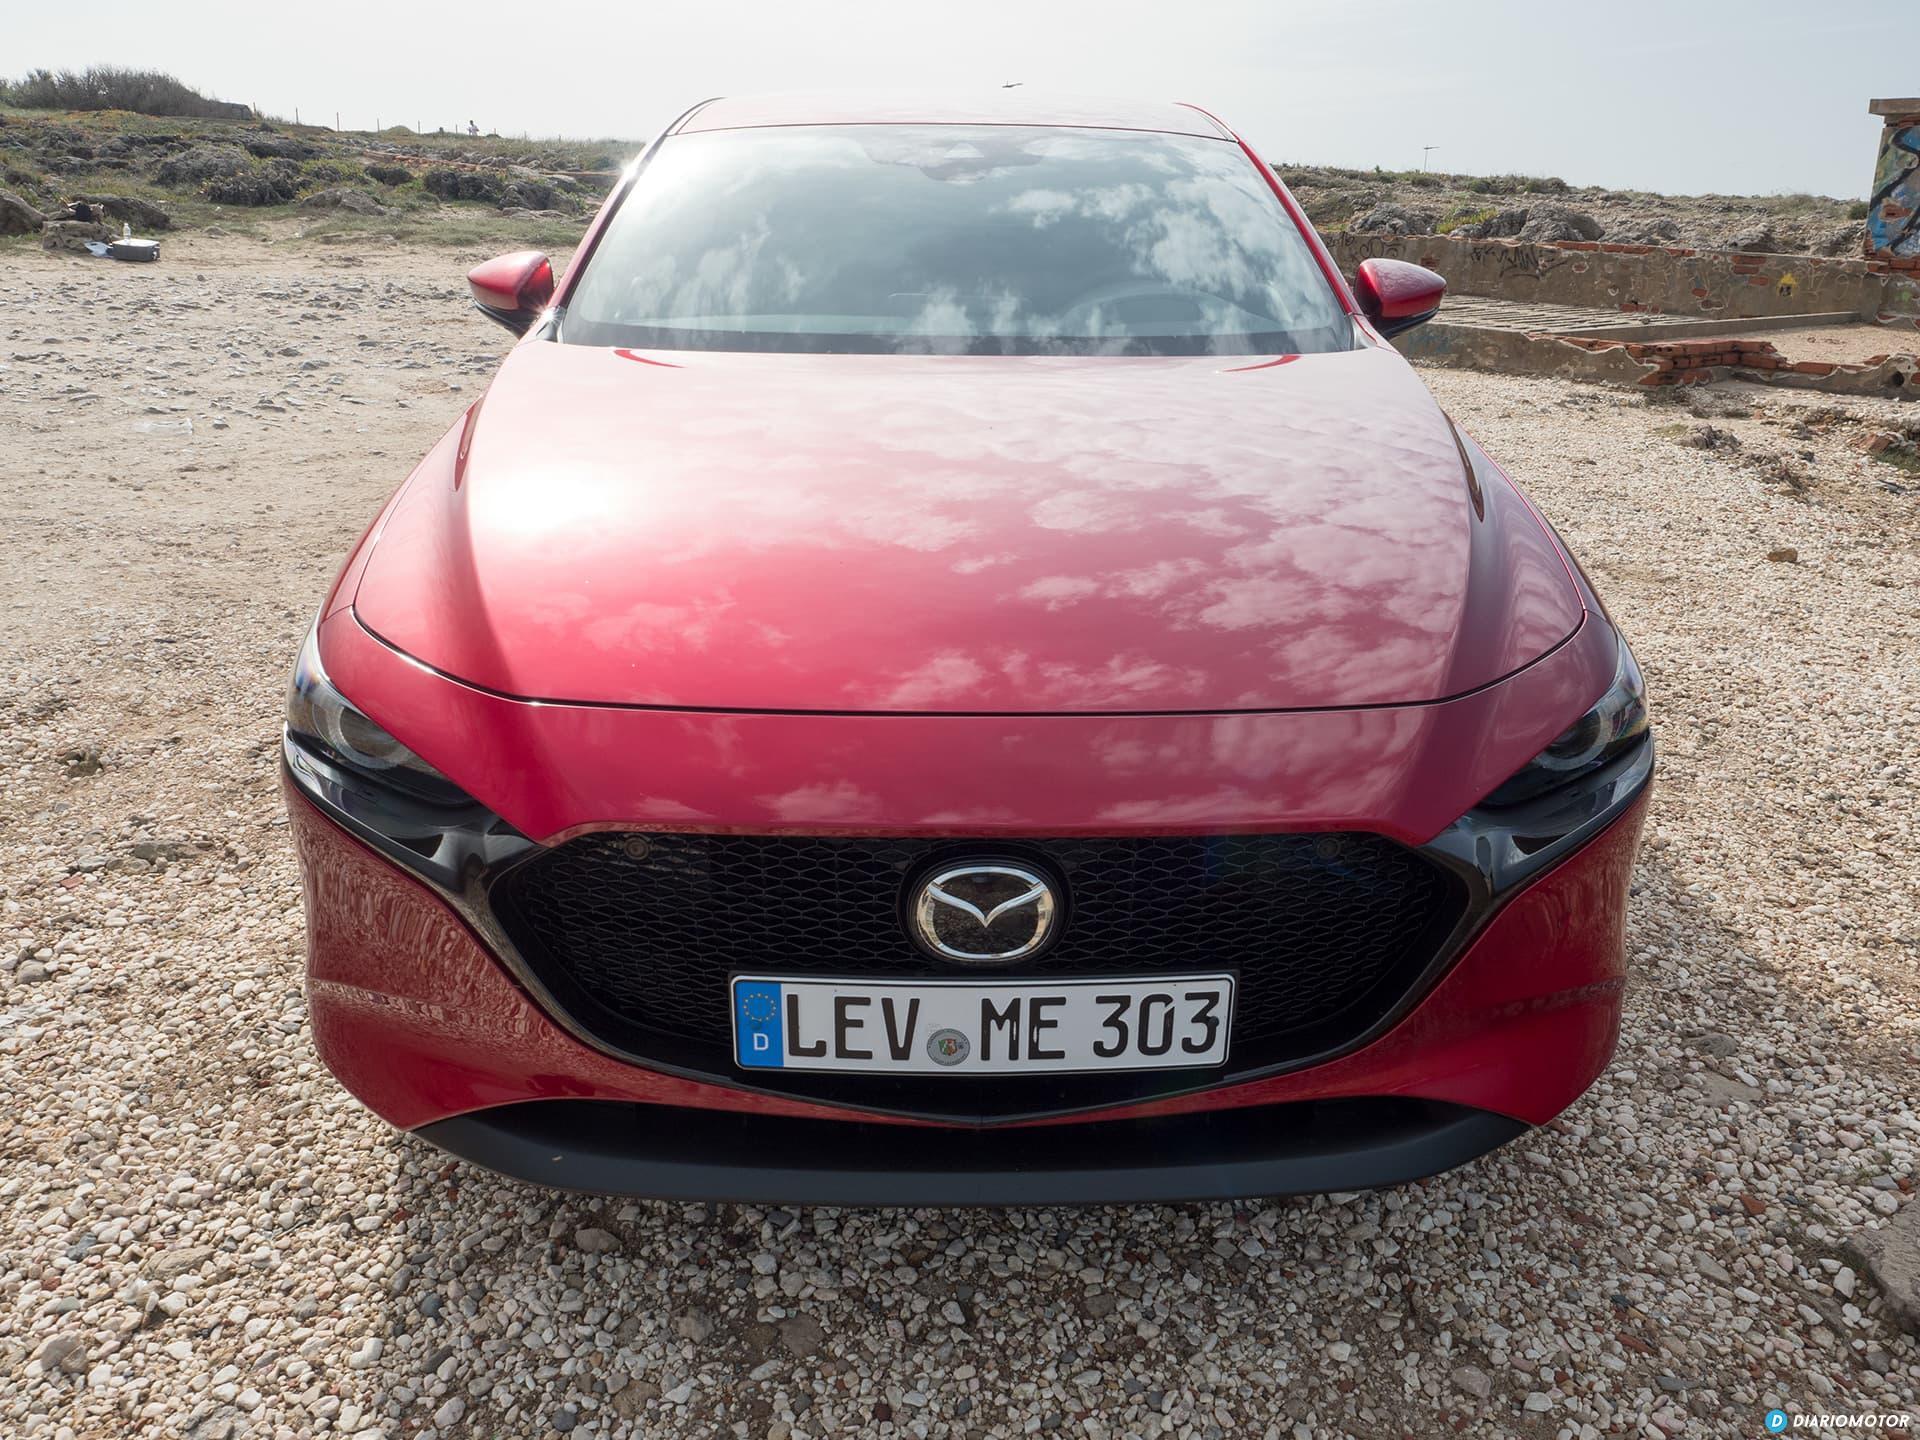 Mazda 3 Skyactiv G  Frontal 00021